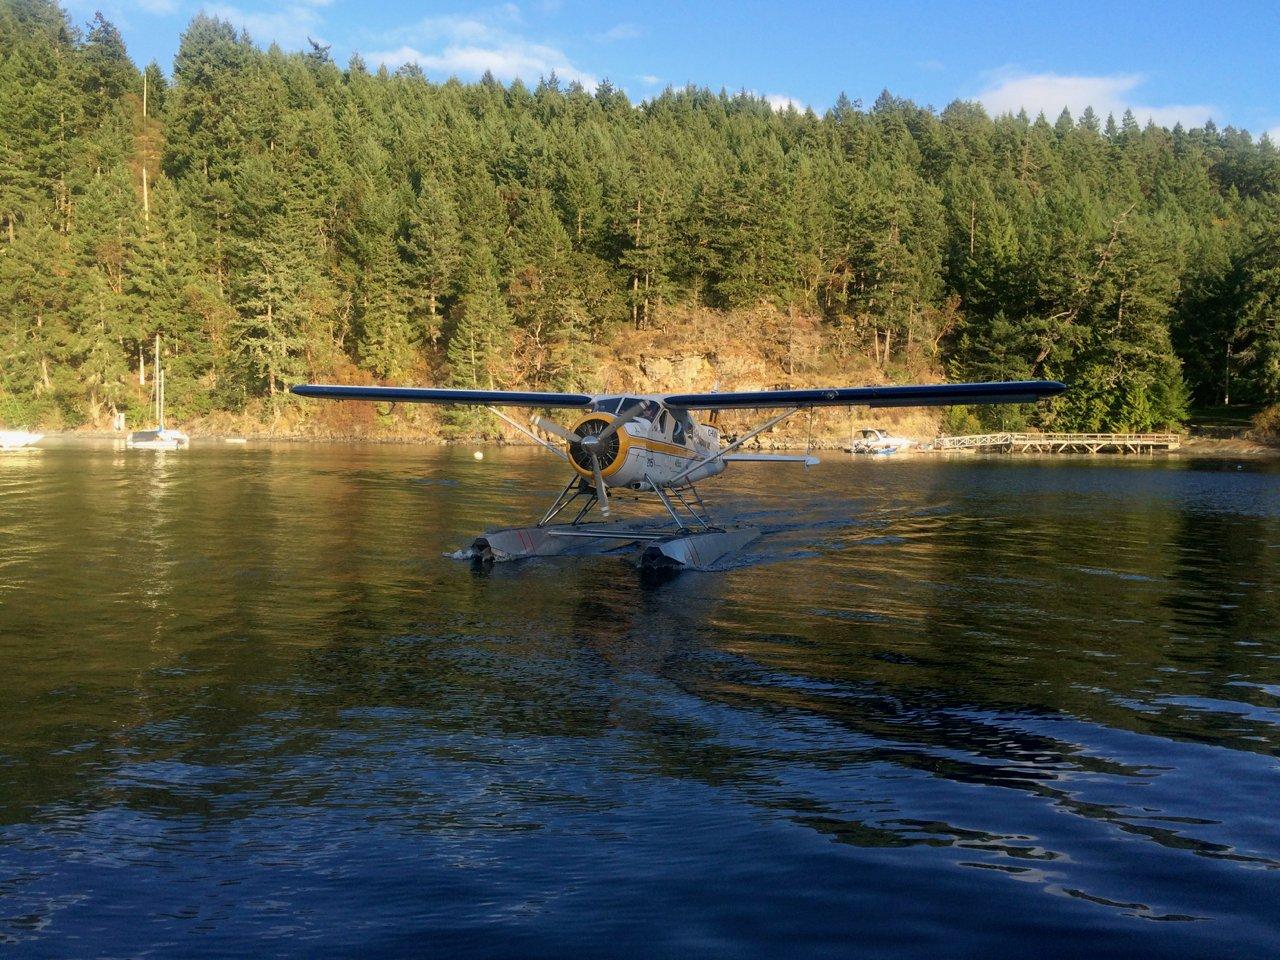 Float plane in Cowichan Bay